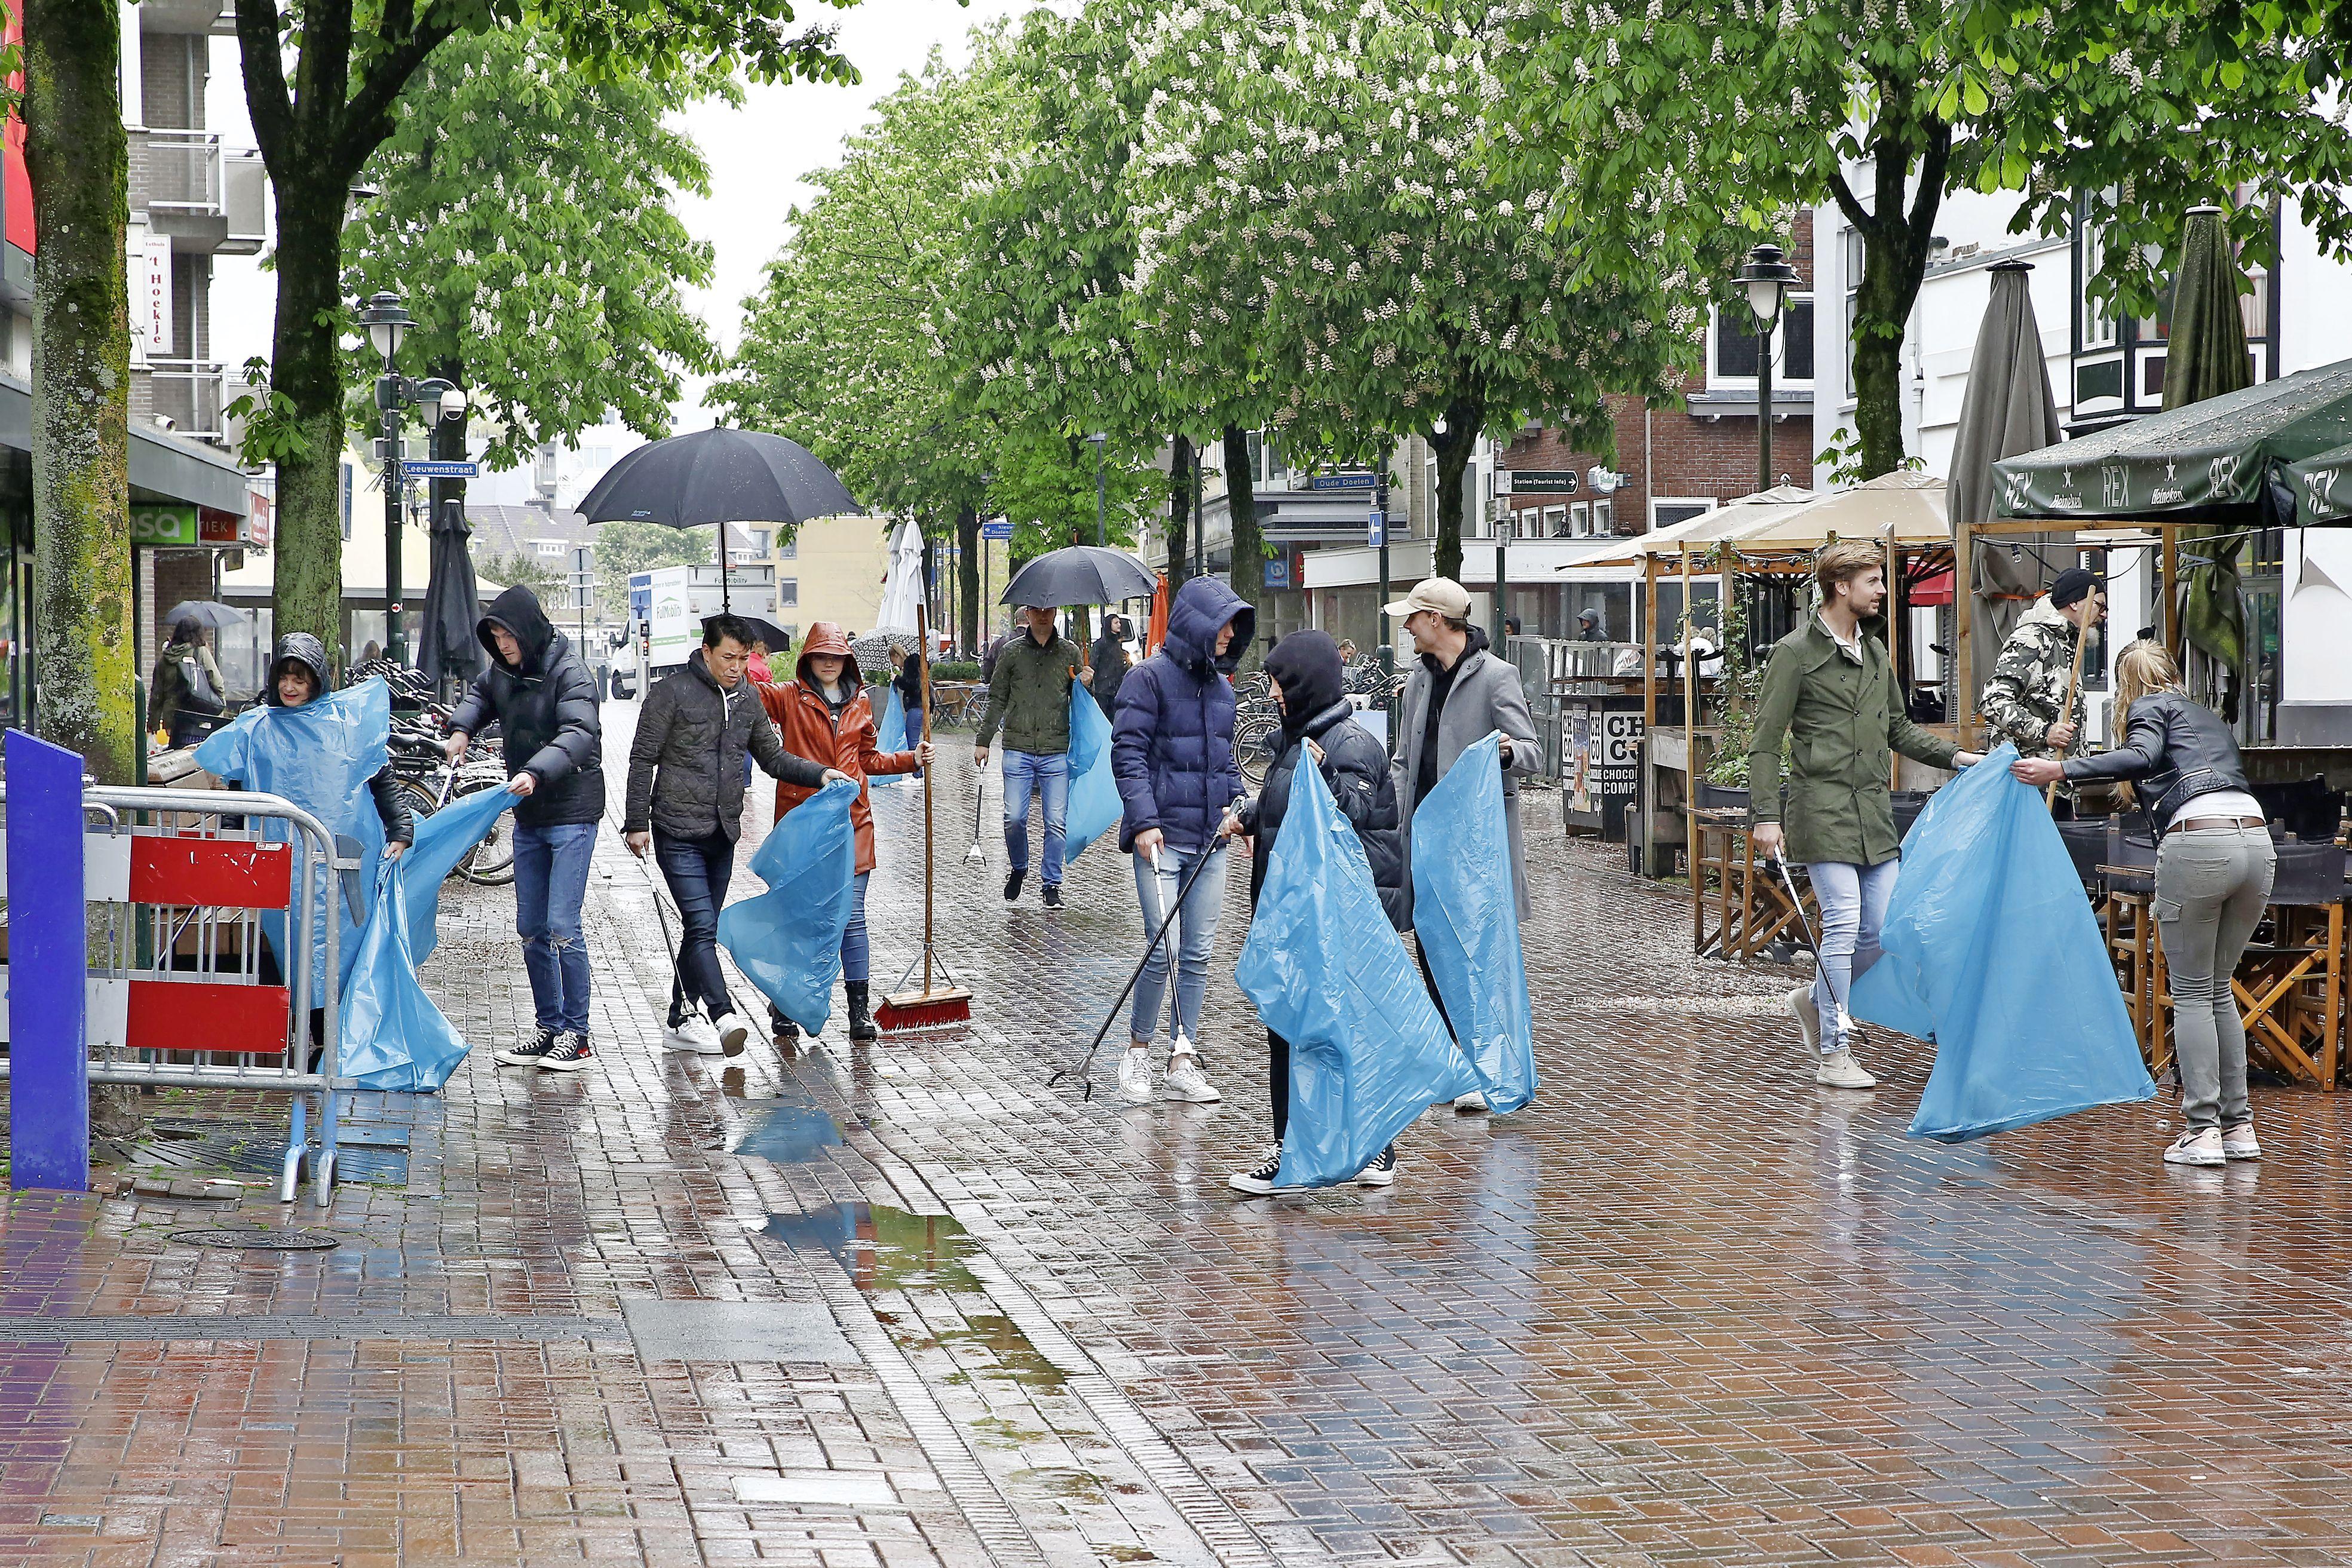 Met bezems, schoonspuiters en vuilgrijpers aan de slag in het centrum van Hilversum. Versoepeling coronamaatregelen leidt tot toename zwerfvuil